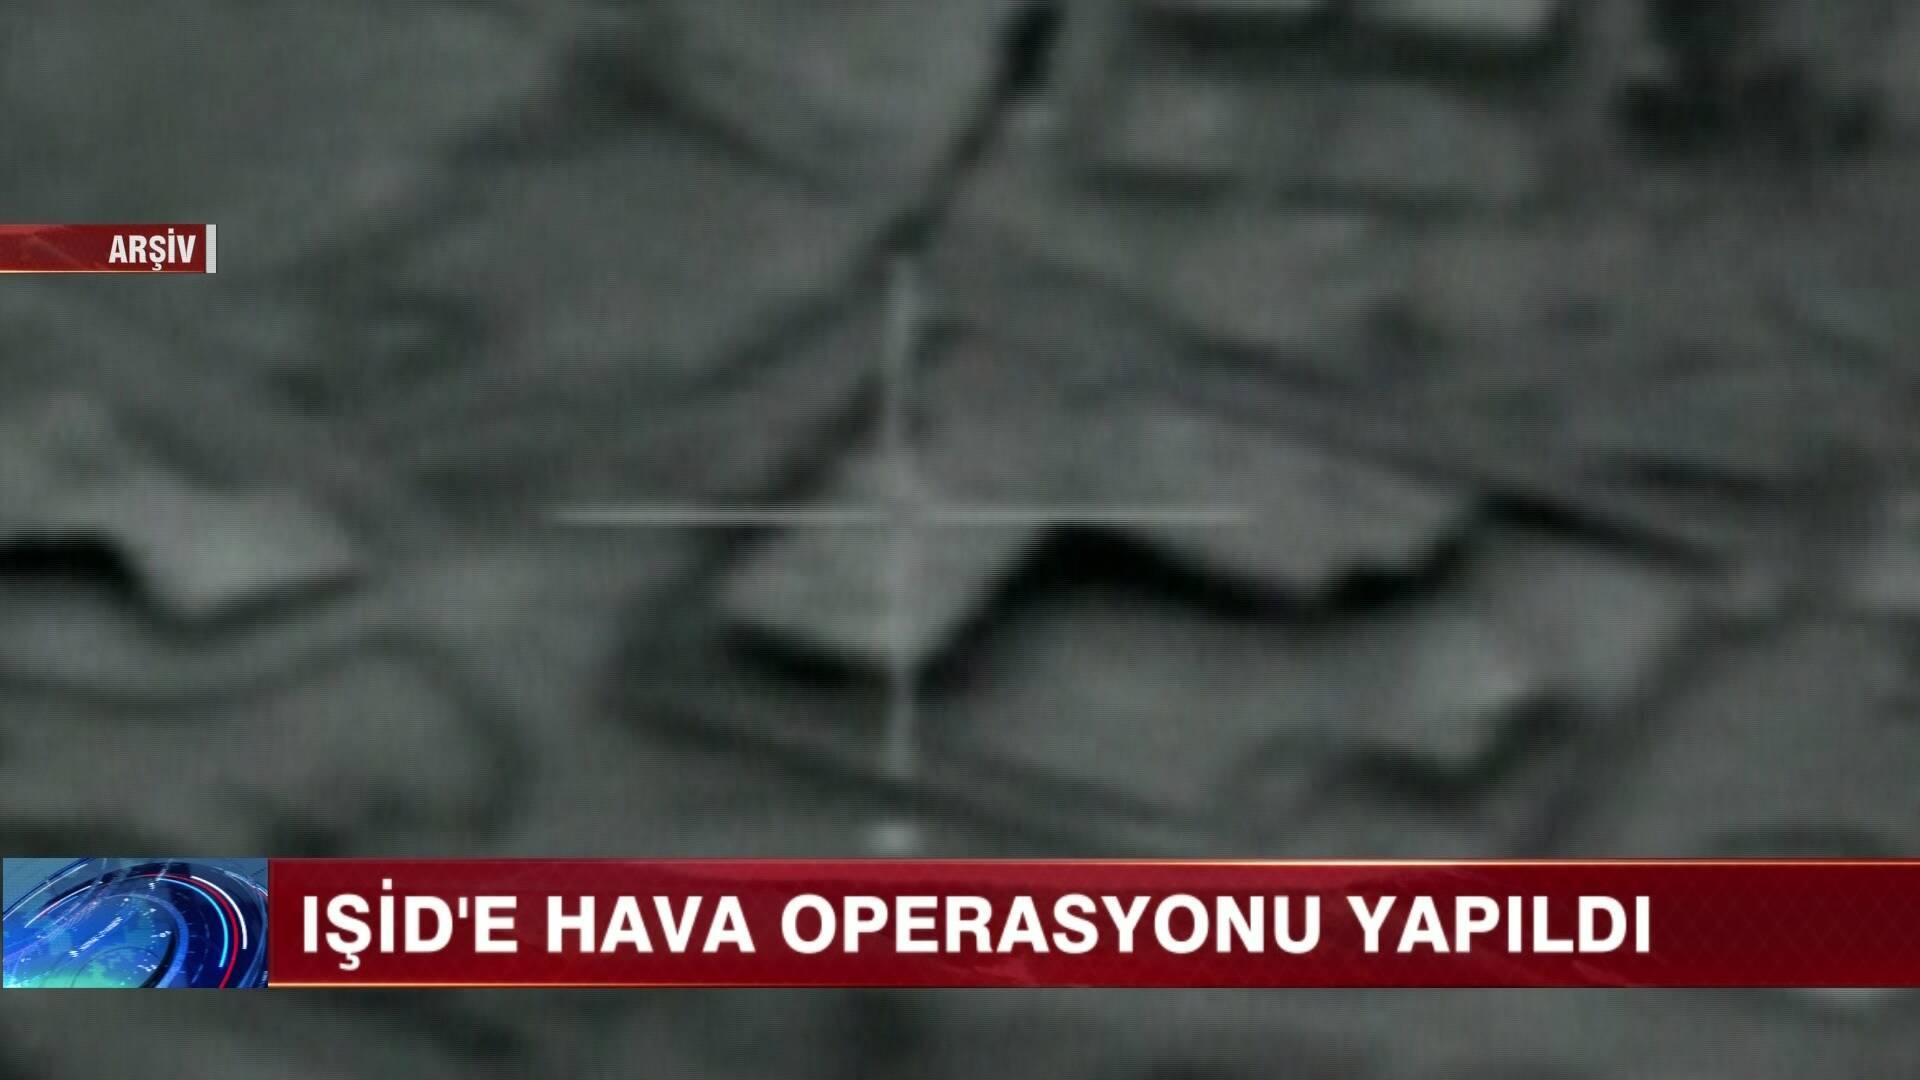 IŞİD'e hava operasyonu yapıldı!